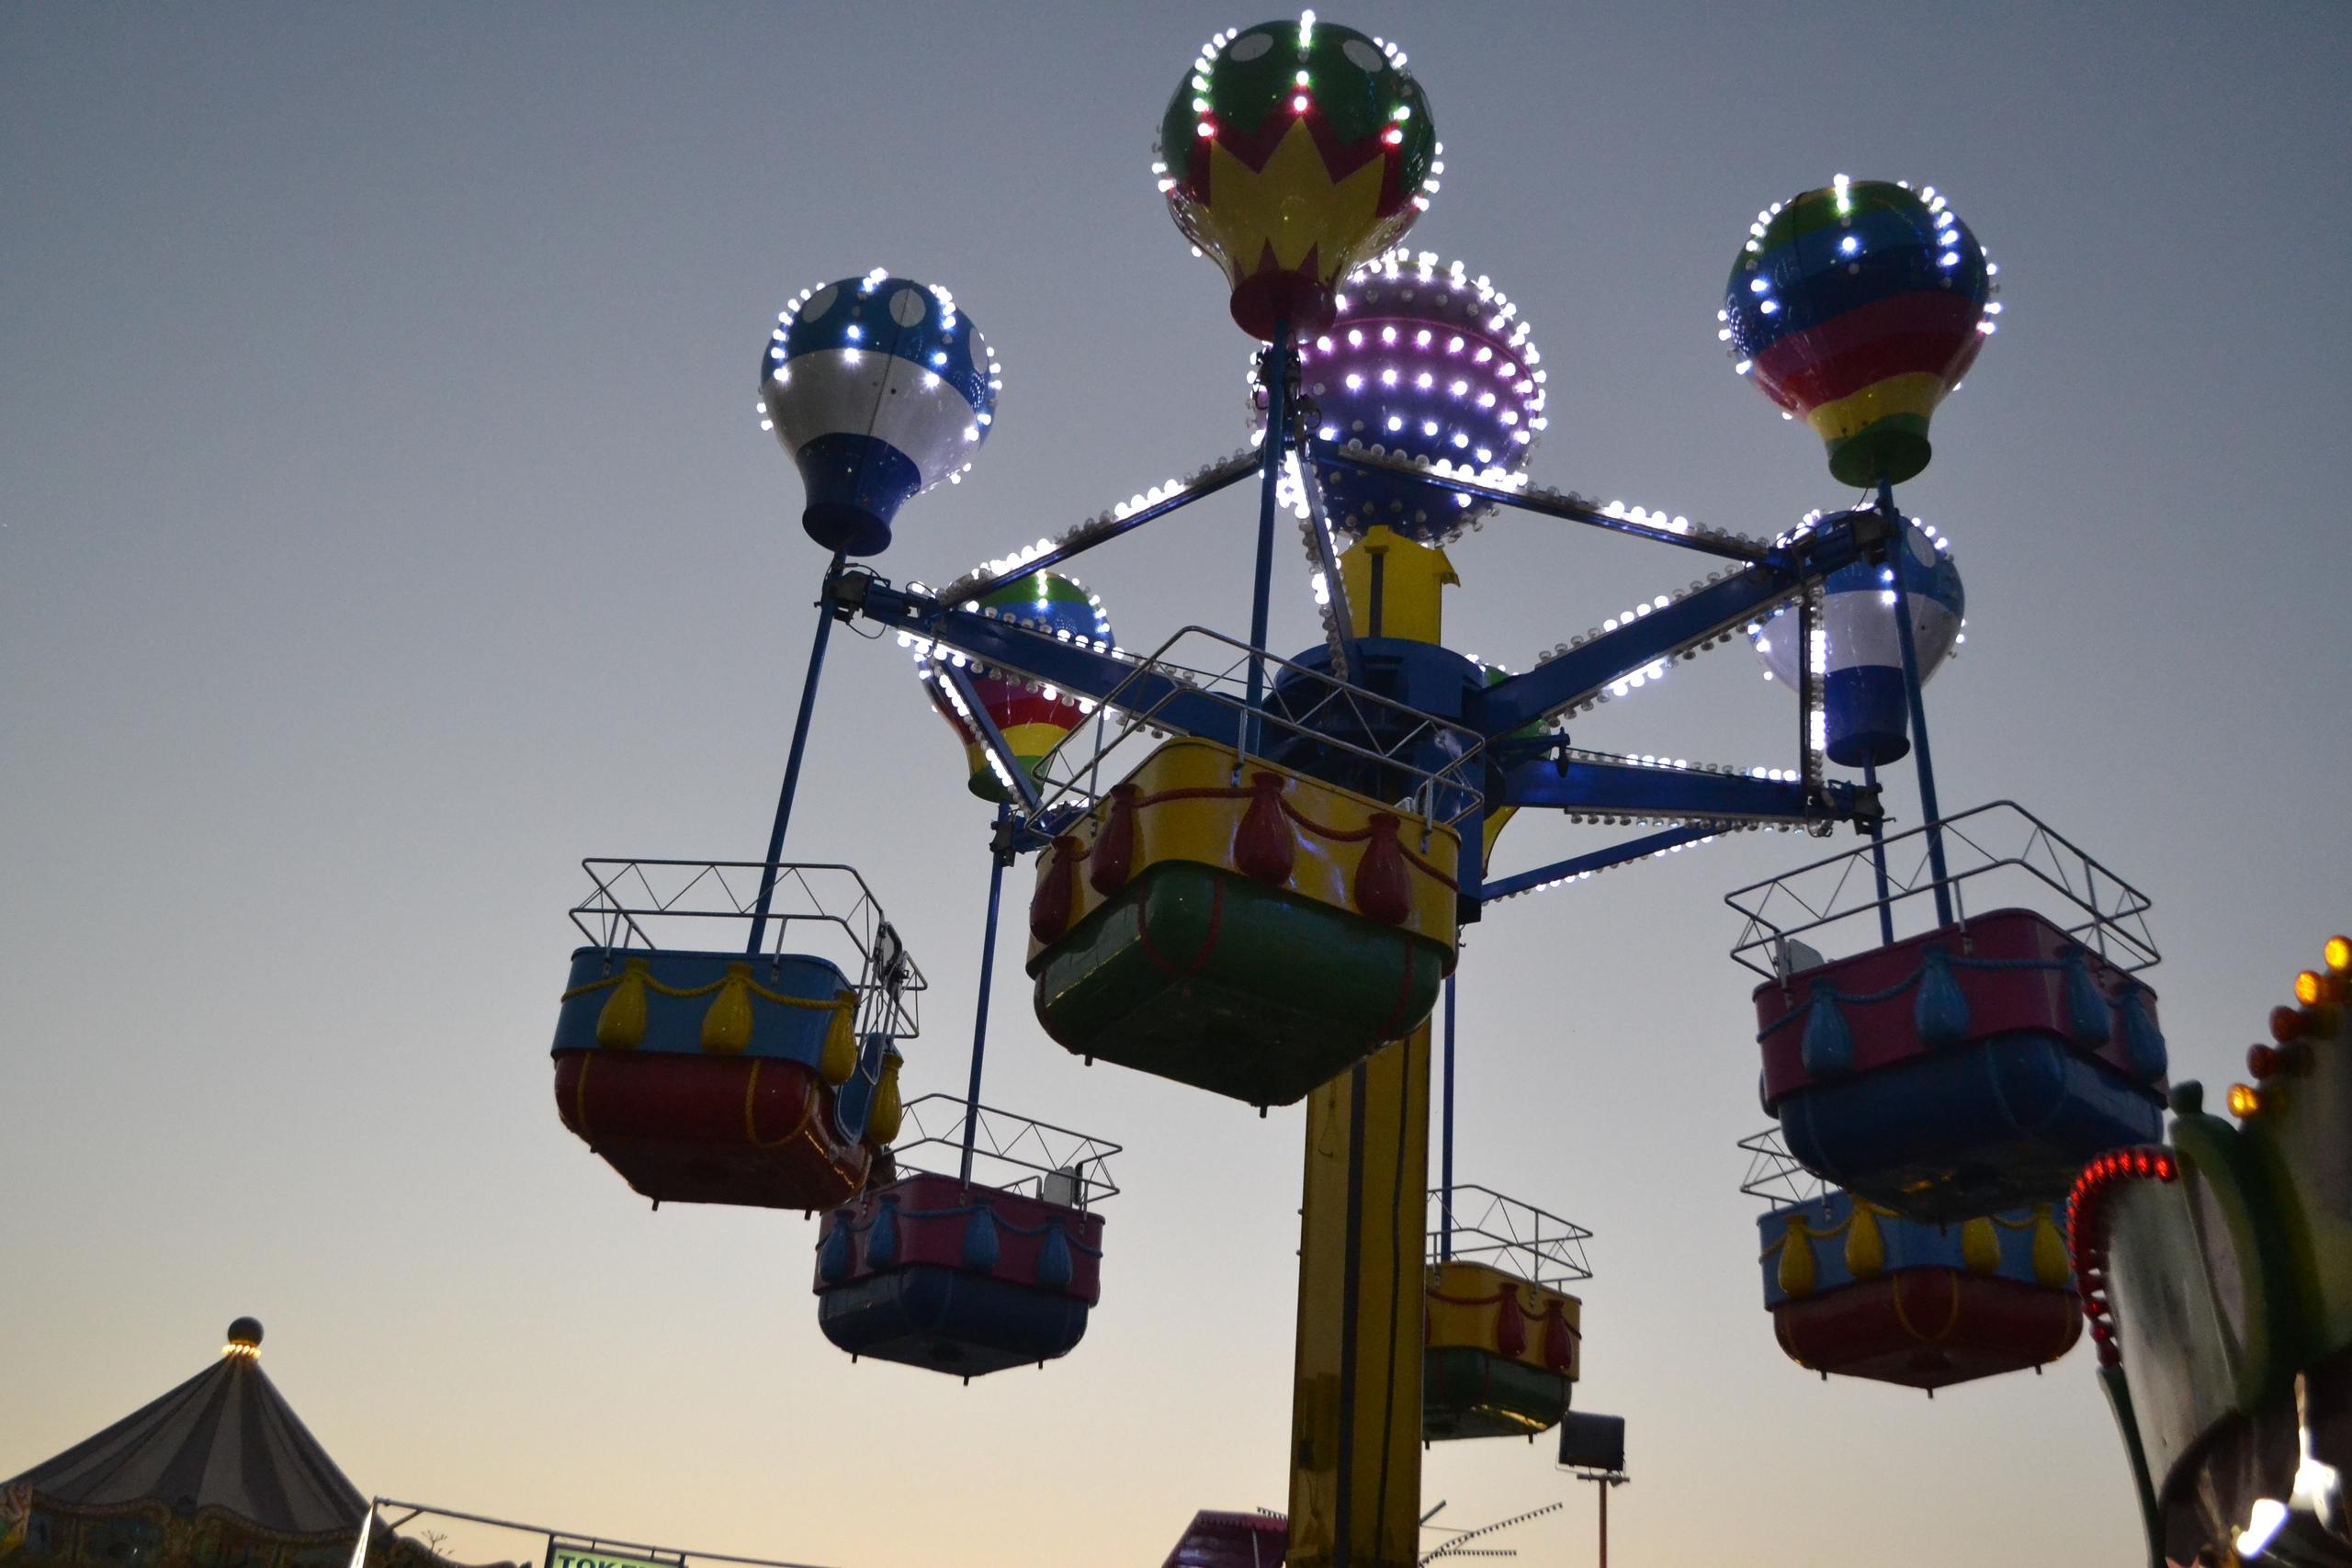 Елена Руденко (Валтея). Лунапарк Parko Paliatso в Айия-Напе (Кипр) фото. 58CscdjPlSM